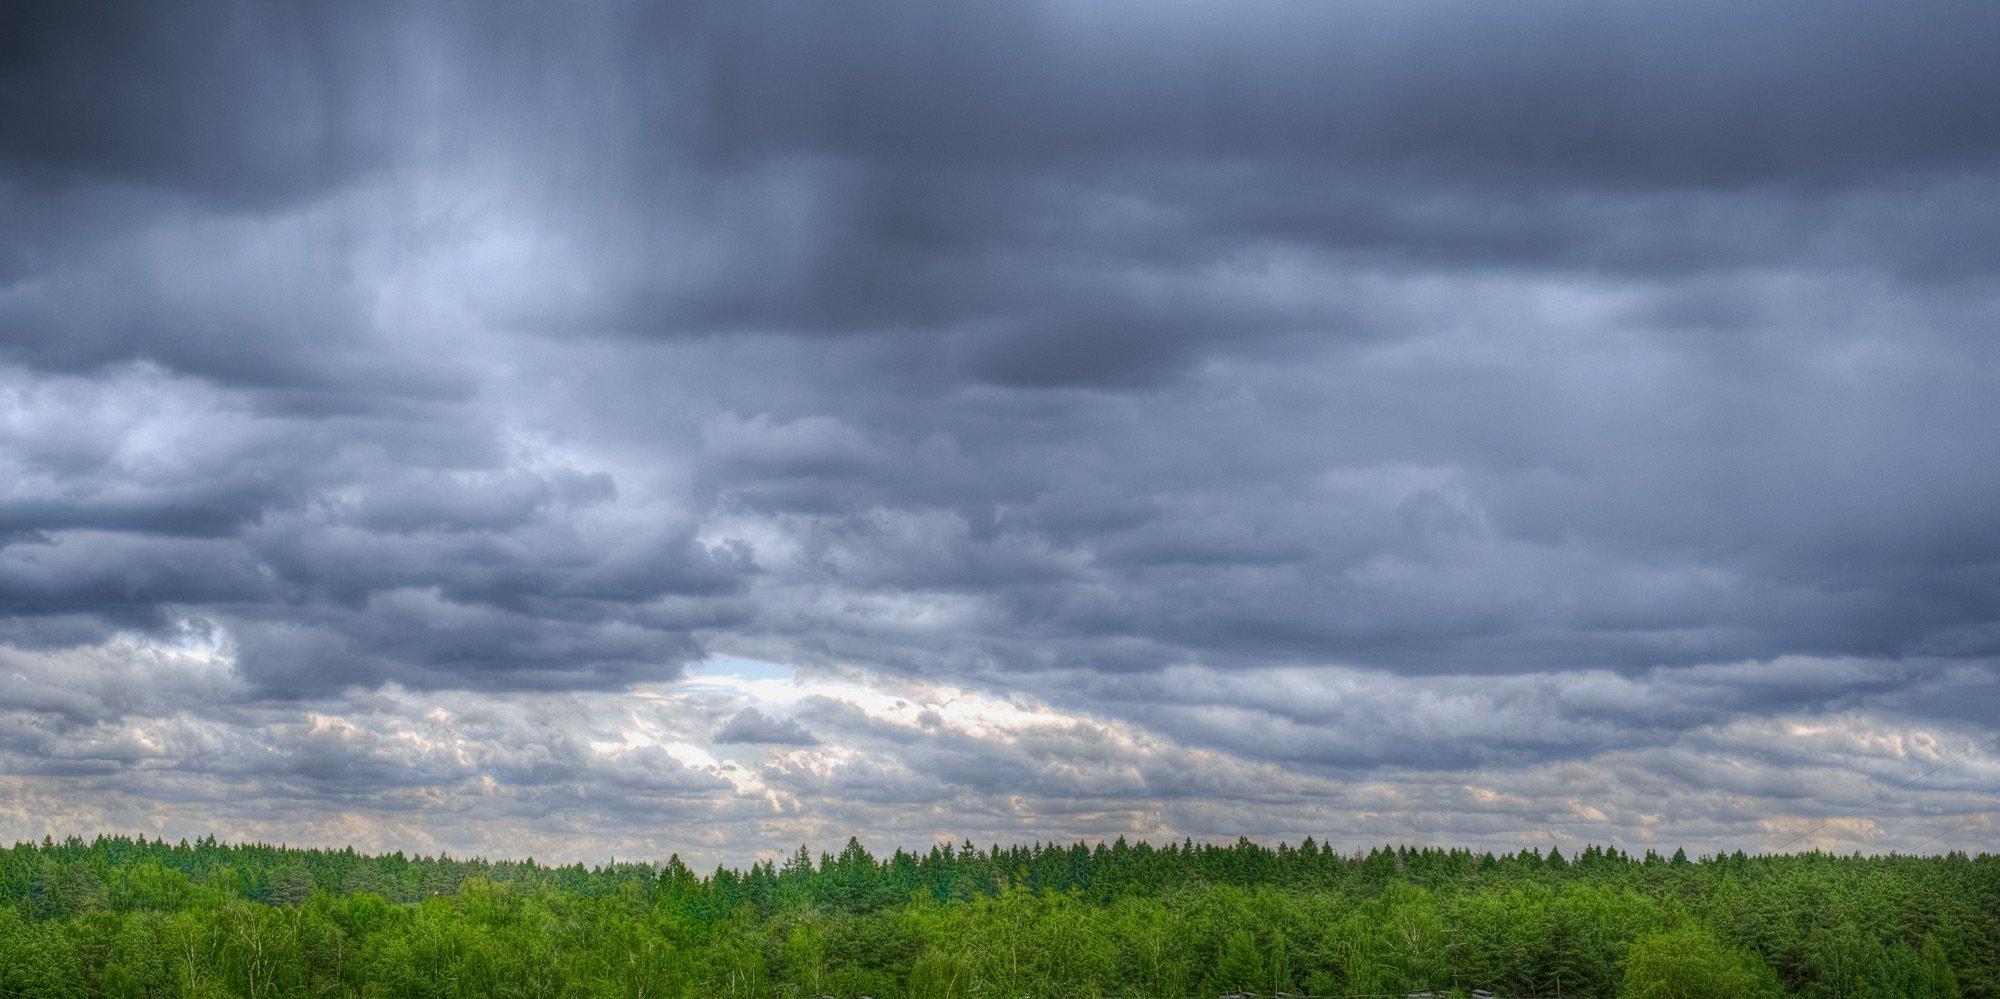 небо,гроза,перед дождем,облака, облако,доль,высота, Бухарев Сергей